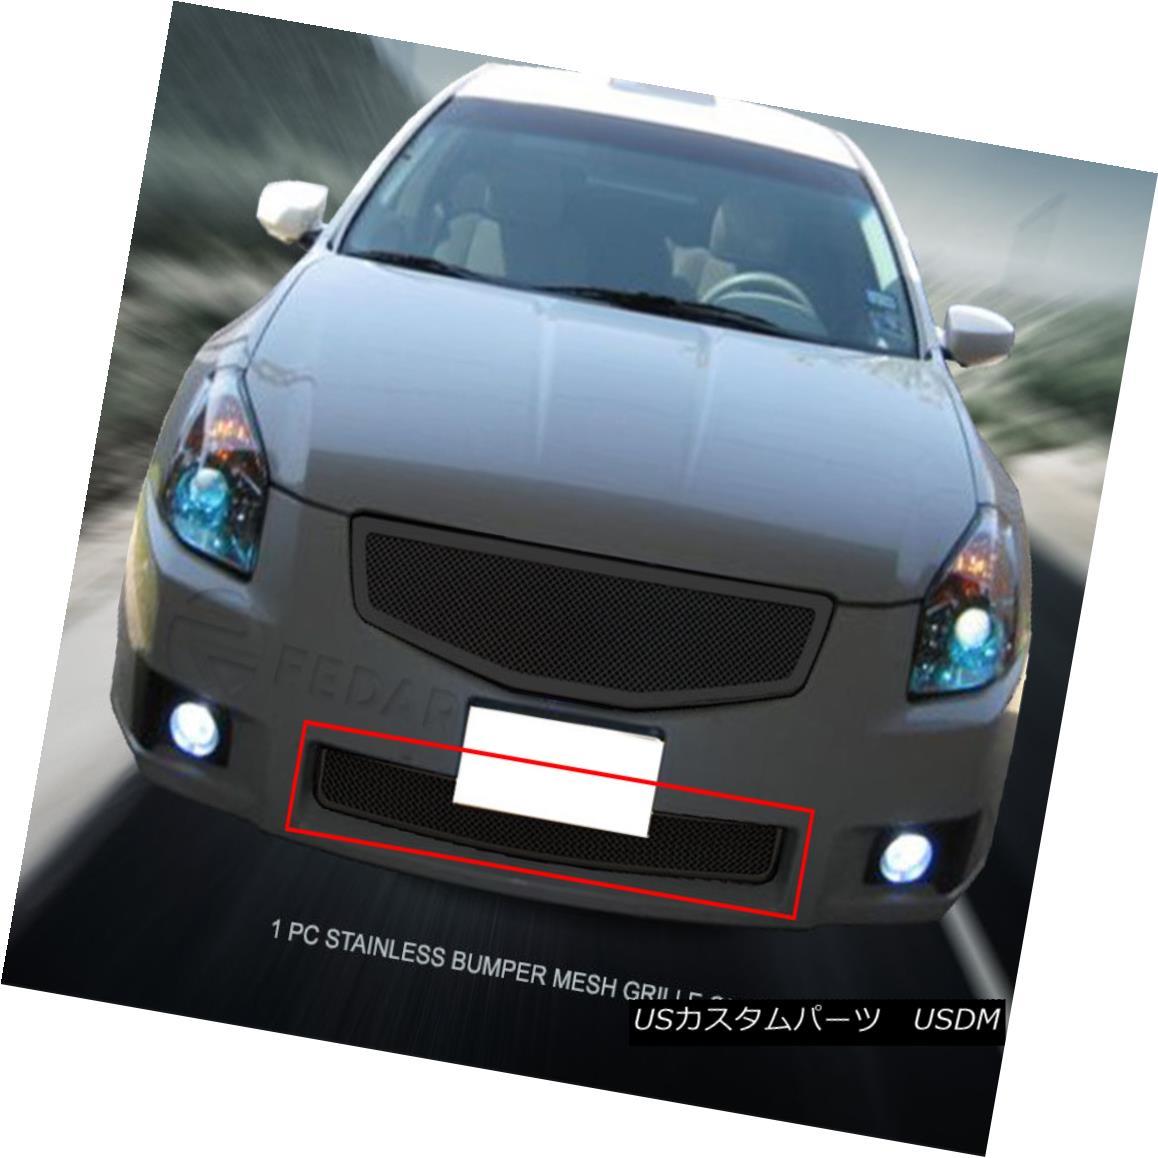 グリル Fedar Fits 2007-2008 Nissan Maxima Black Overlay Wire Mesh Grille Insert Fedar Fits 2007-2008日産マキシマブラックオーバーレイワイヤーメッシュグリルインサート